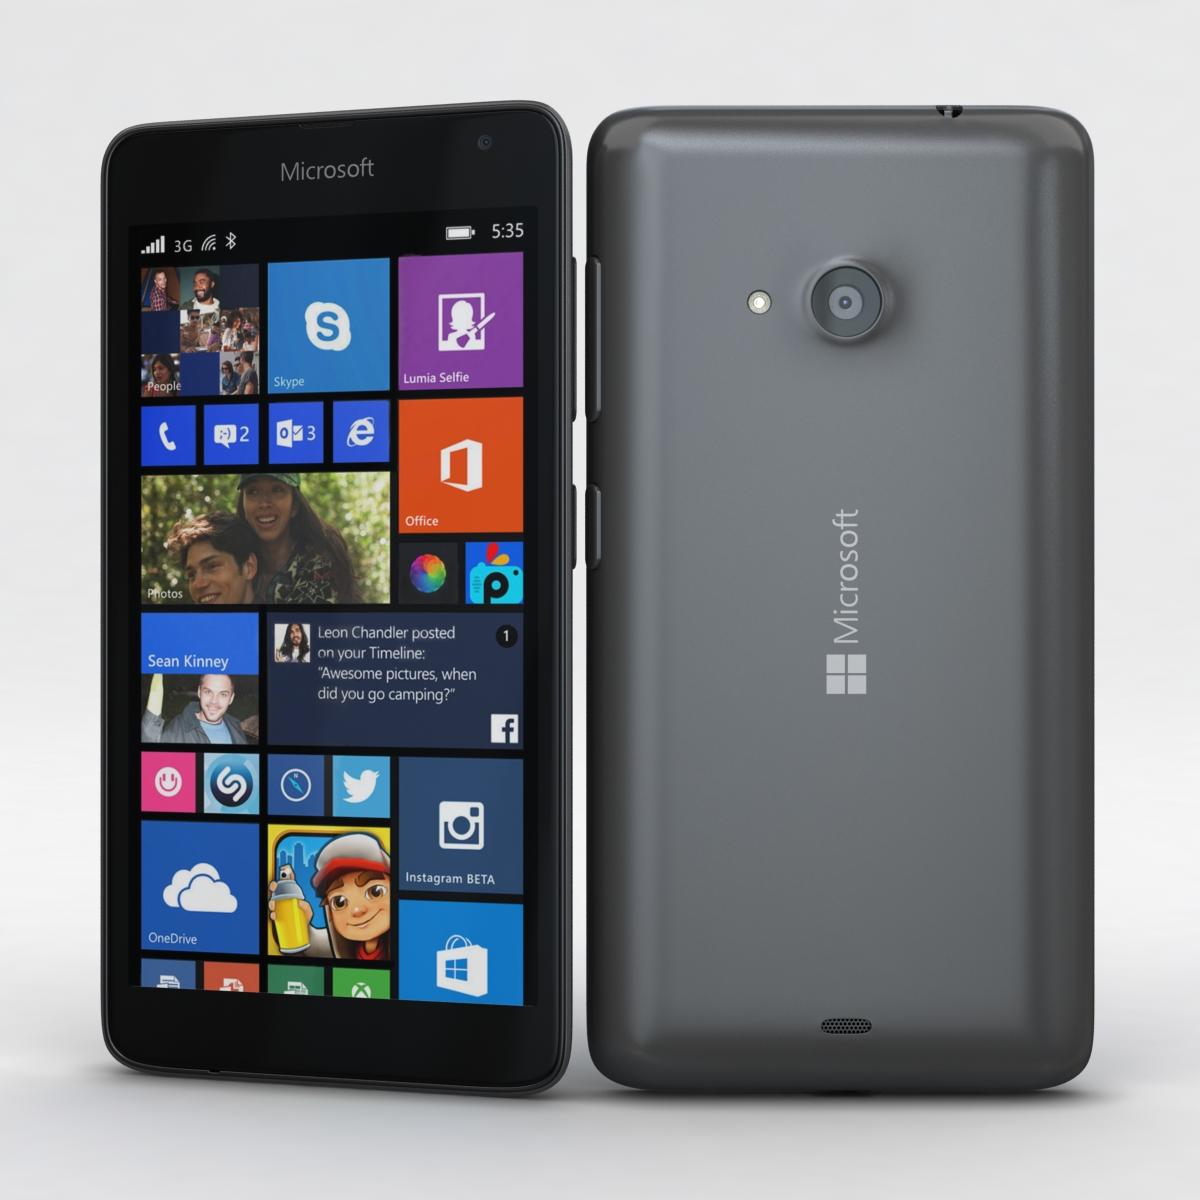 Microsoft Lumia 535 and Dual SIM Gray 3d model 3ds max fbx c4d obj 204463